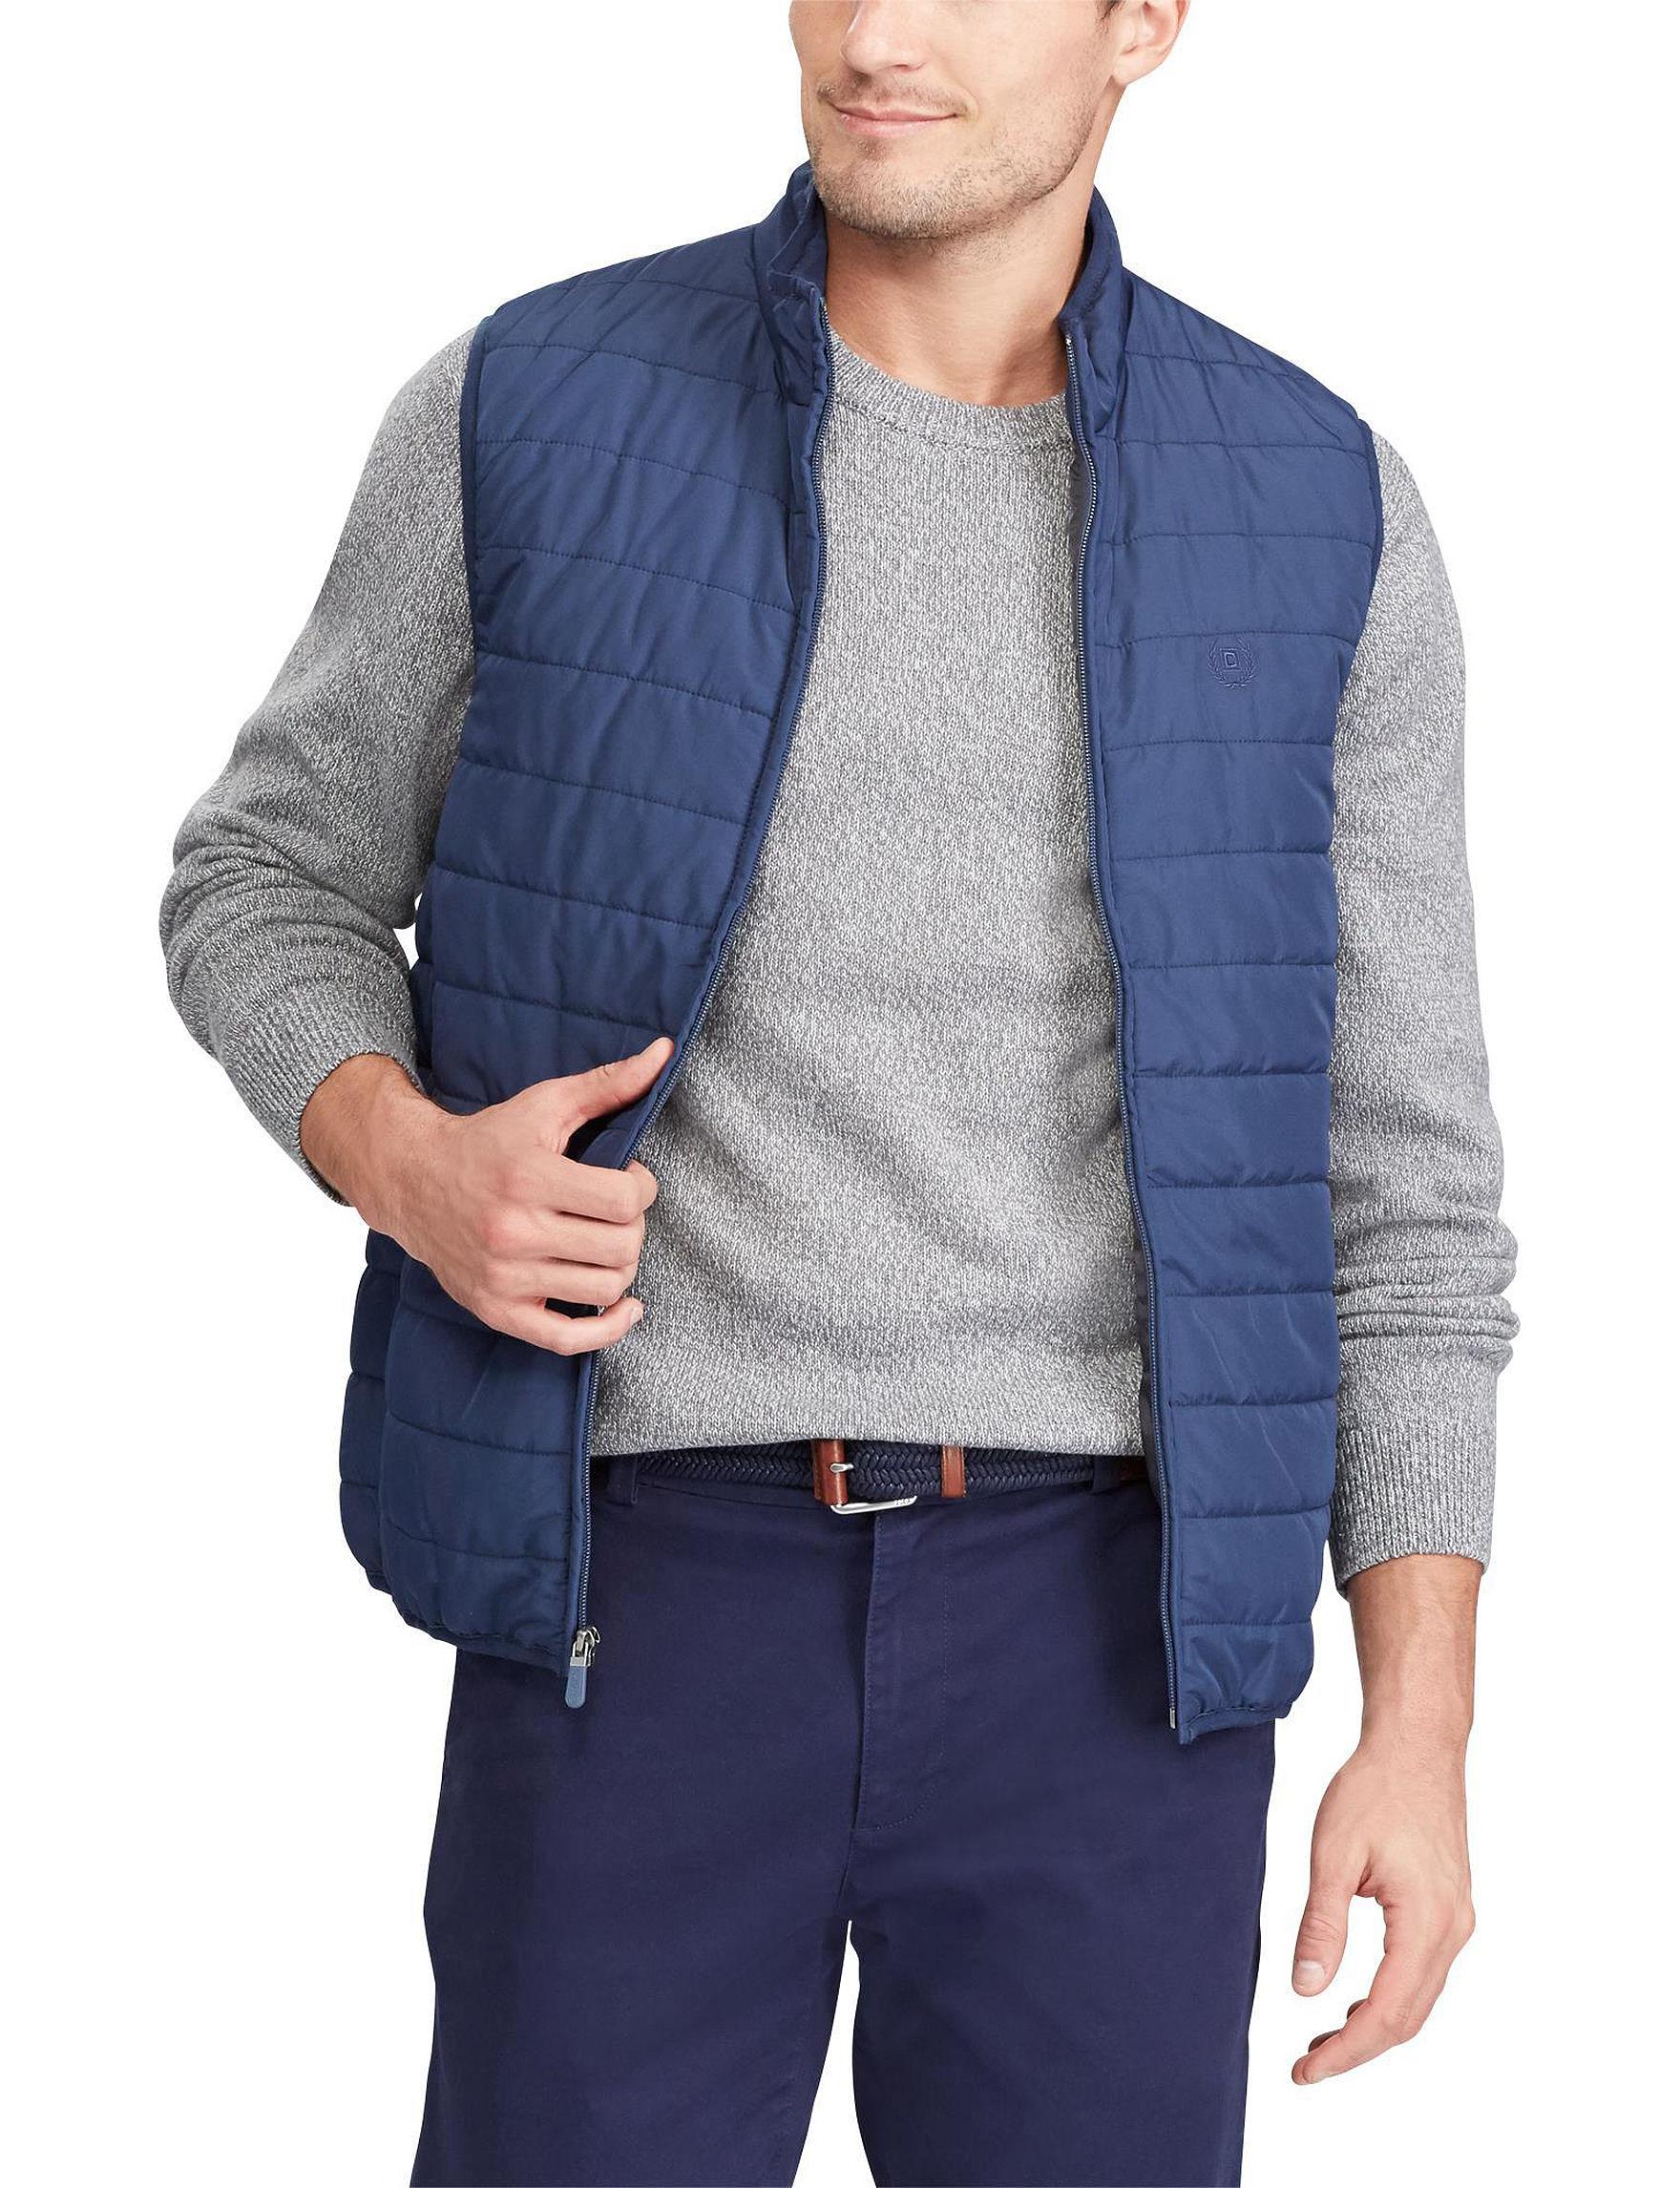 Chaps Navy Vests